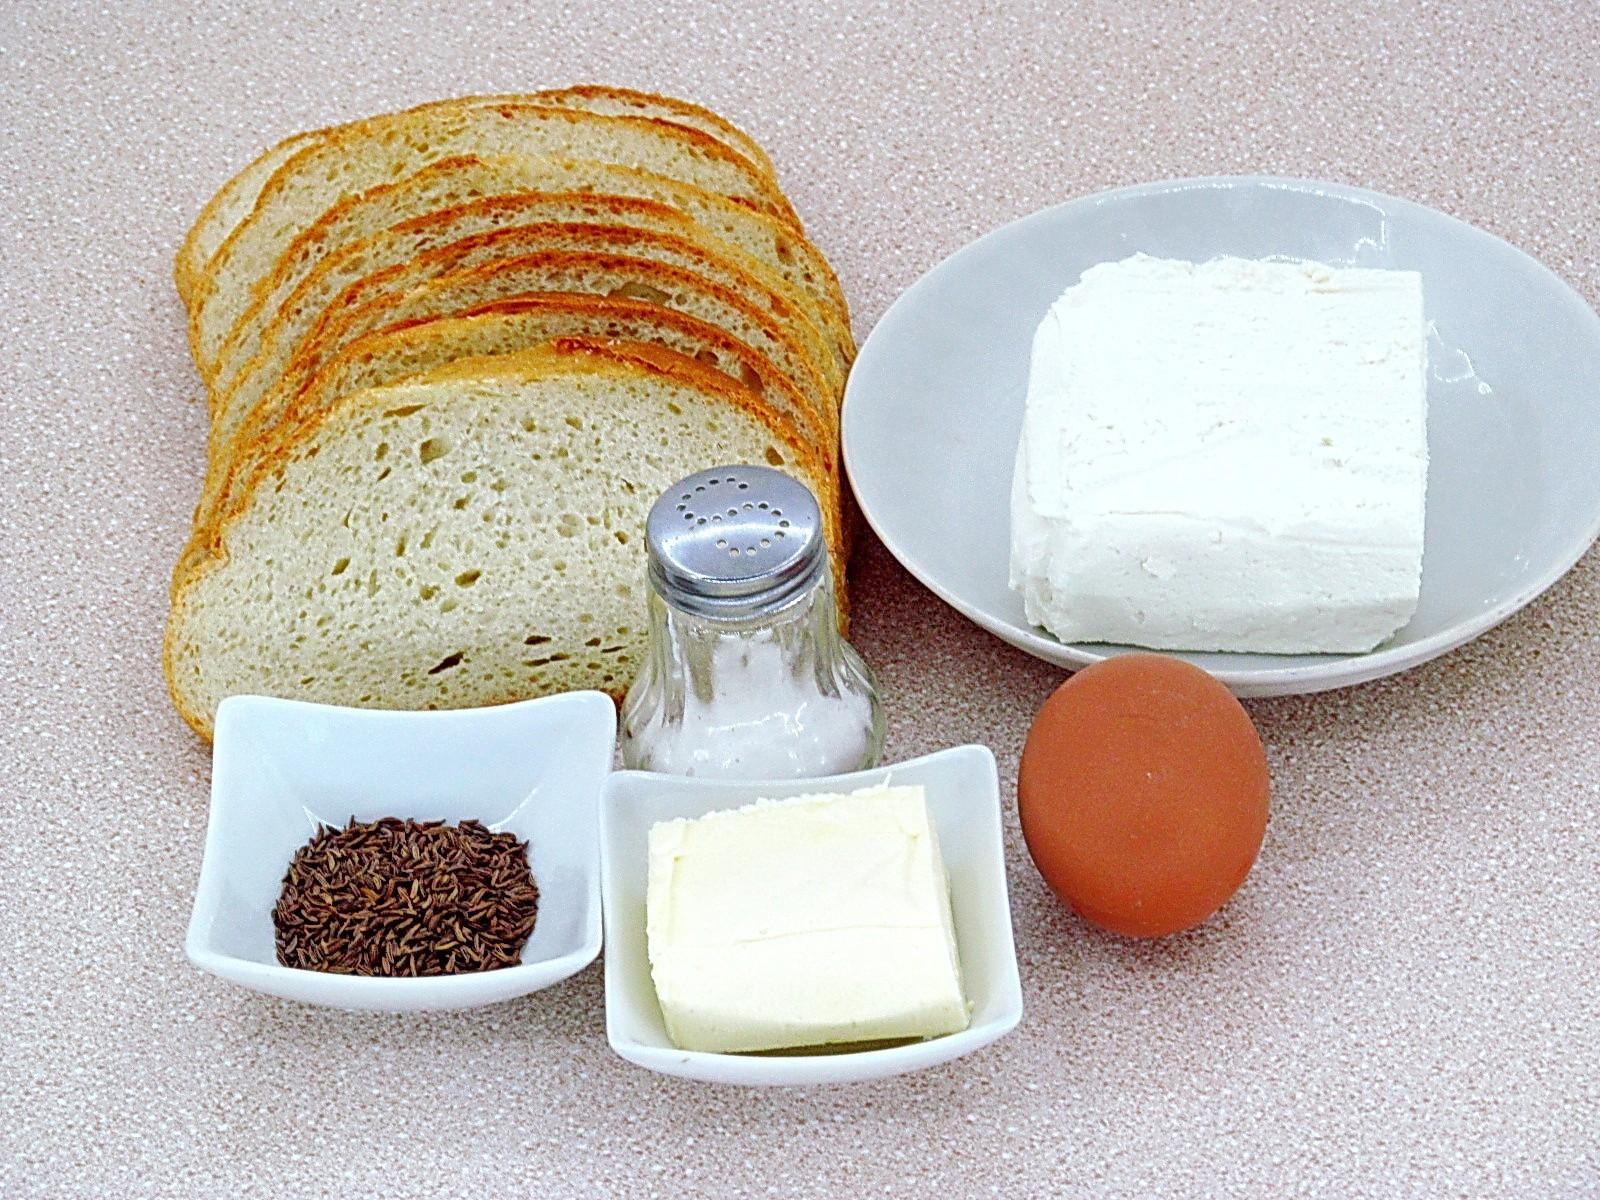 Горячие бутерброды с творогом и тмином: Ингредиенты